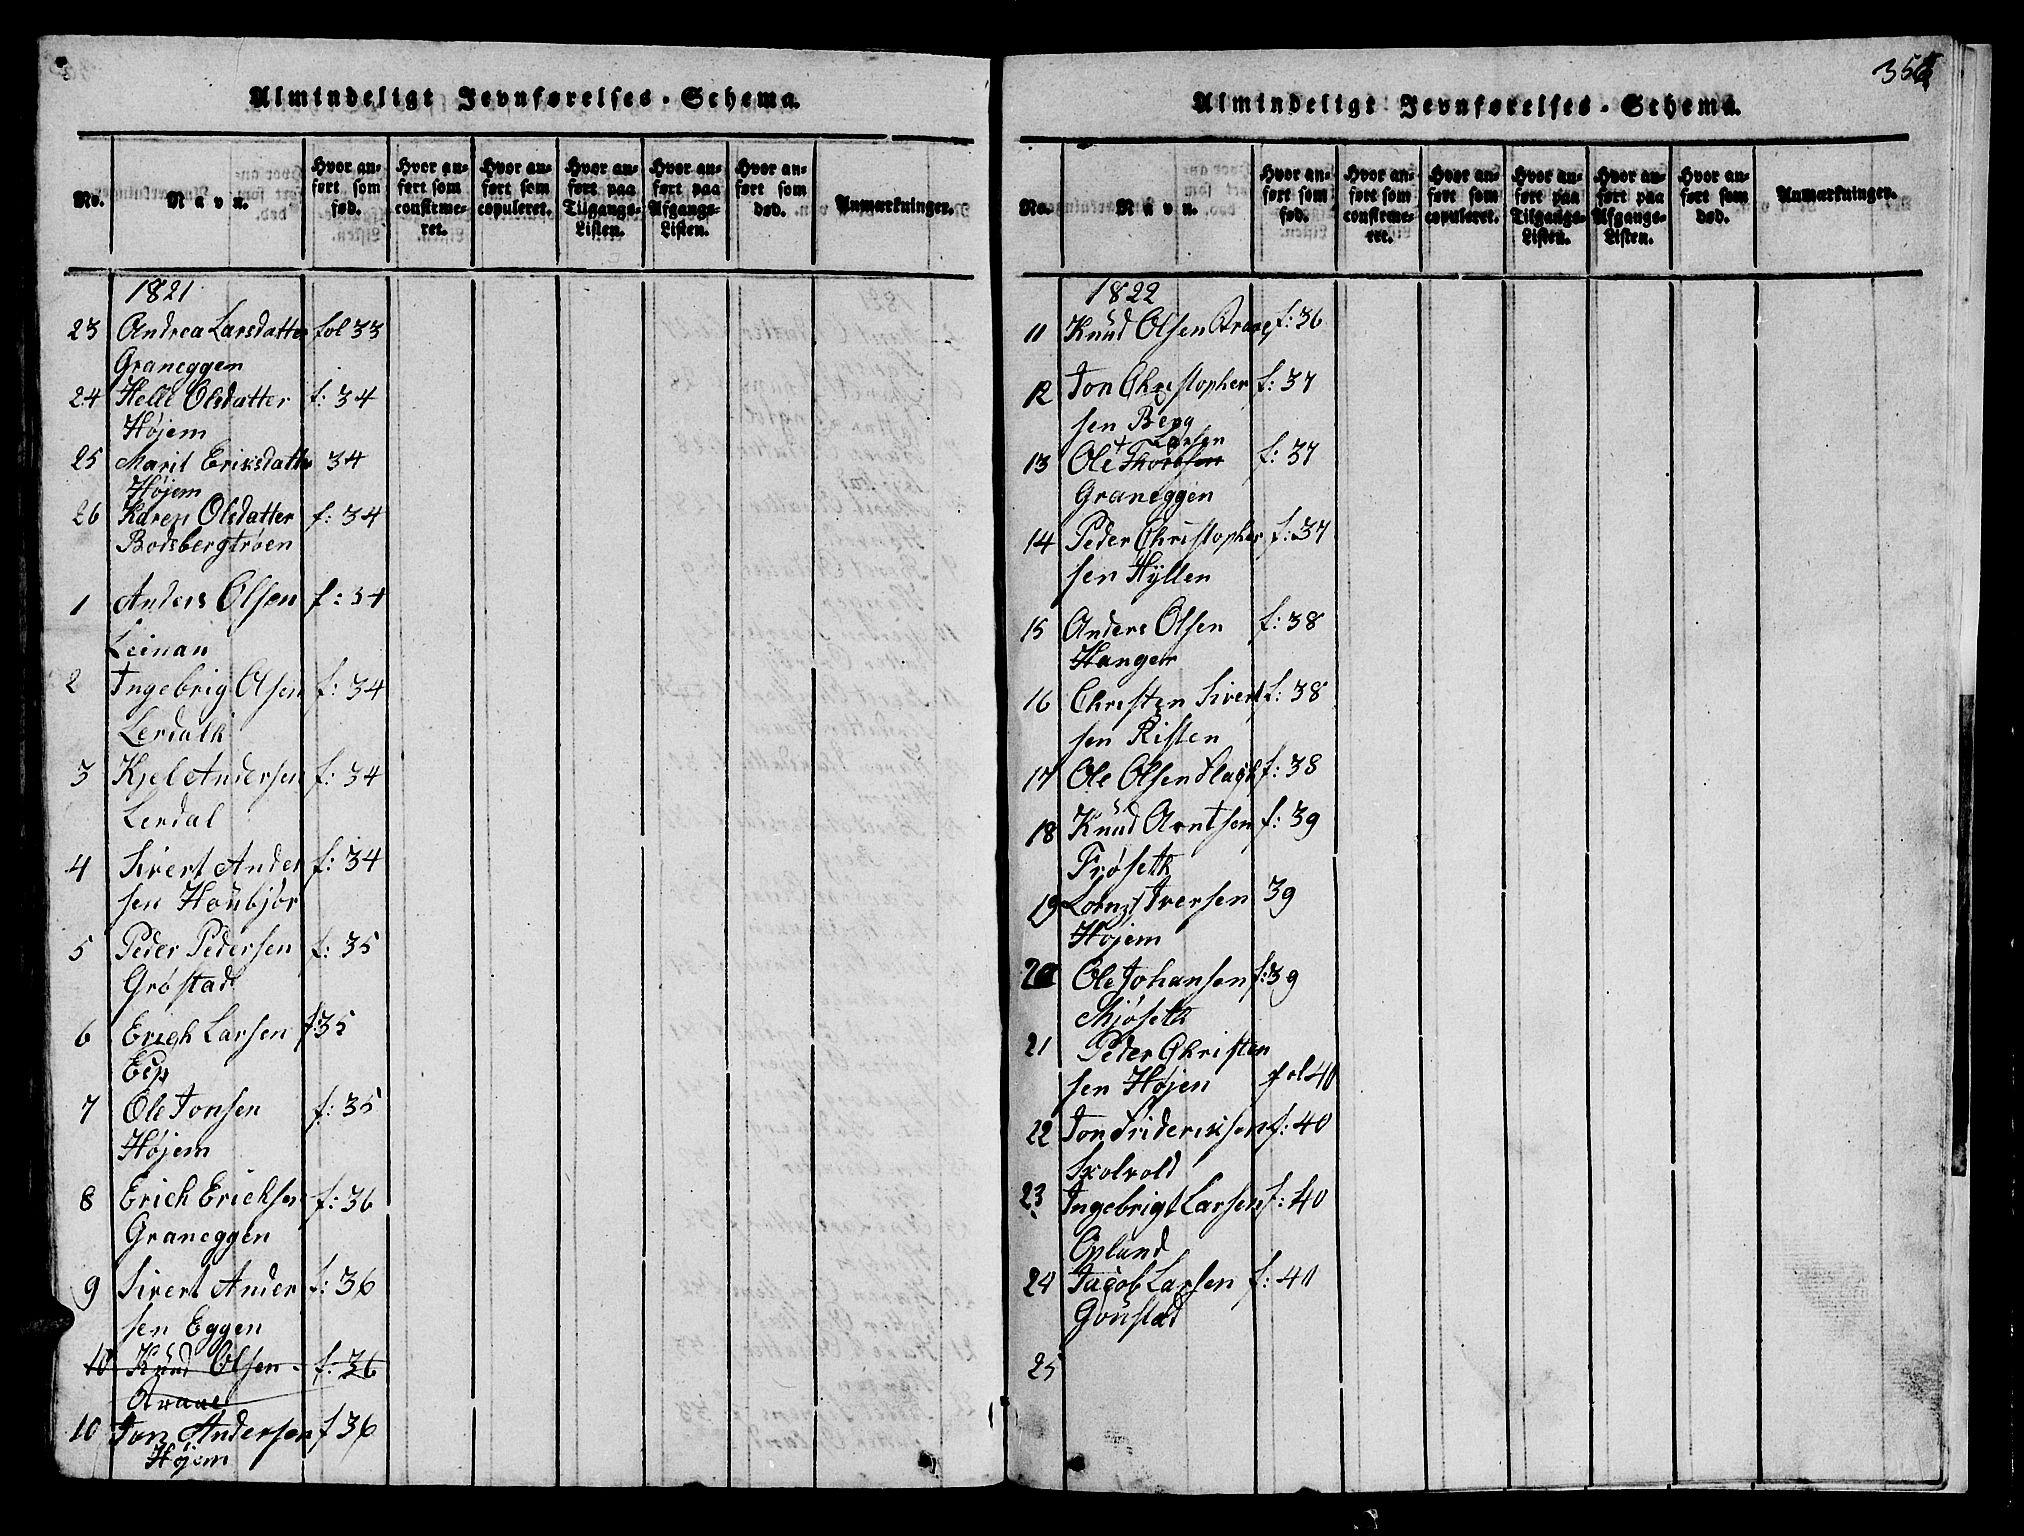 SAT, Ministerialprotokoller, klokkerbøker og fødselsregistre - Sør-Trøndelag, 612/L0385: Klokkerbok nr. 612C01, 1816-1845, s. 356